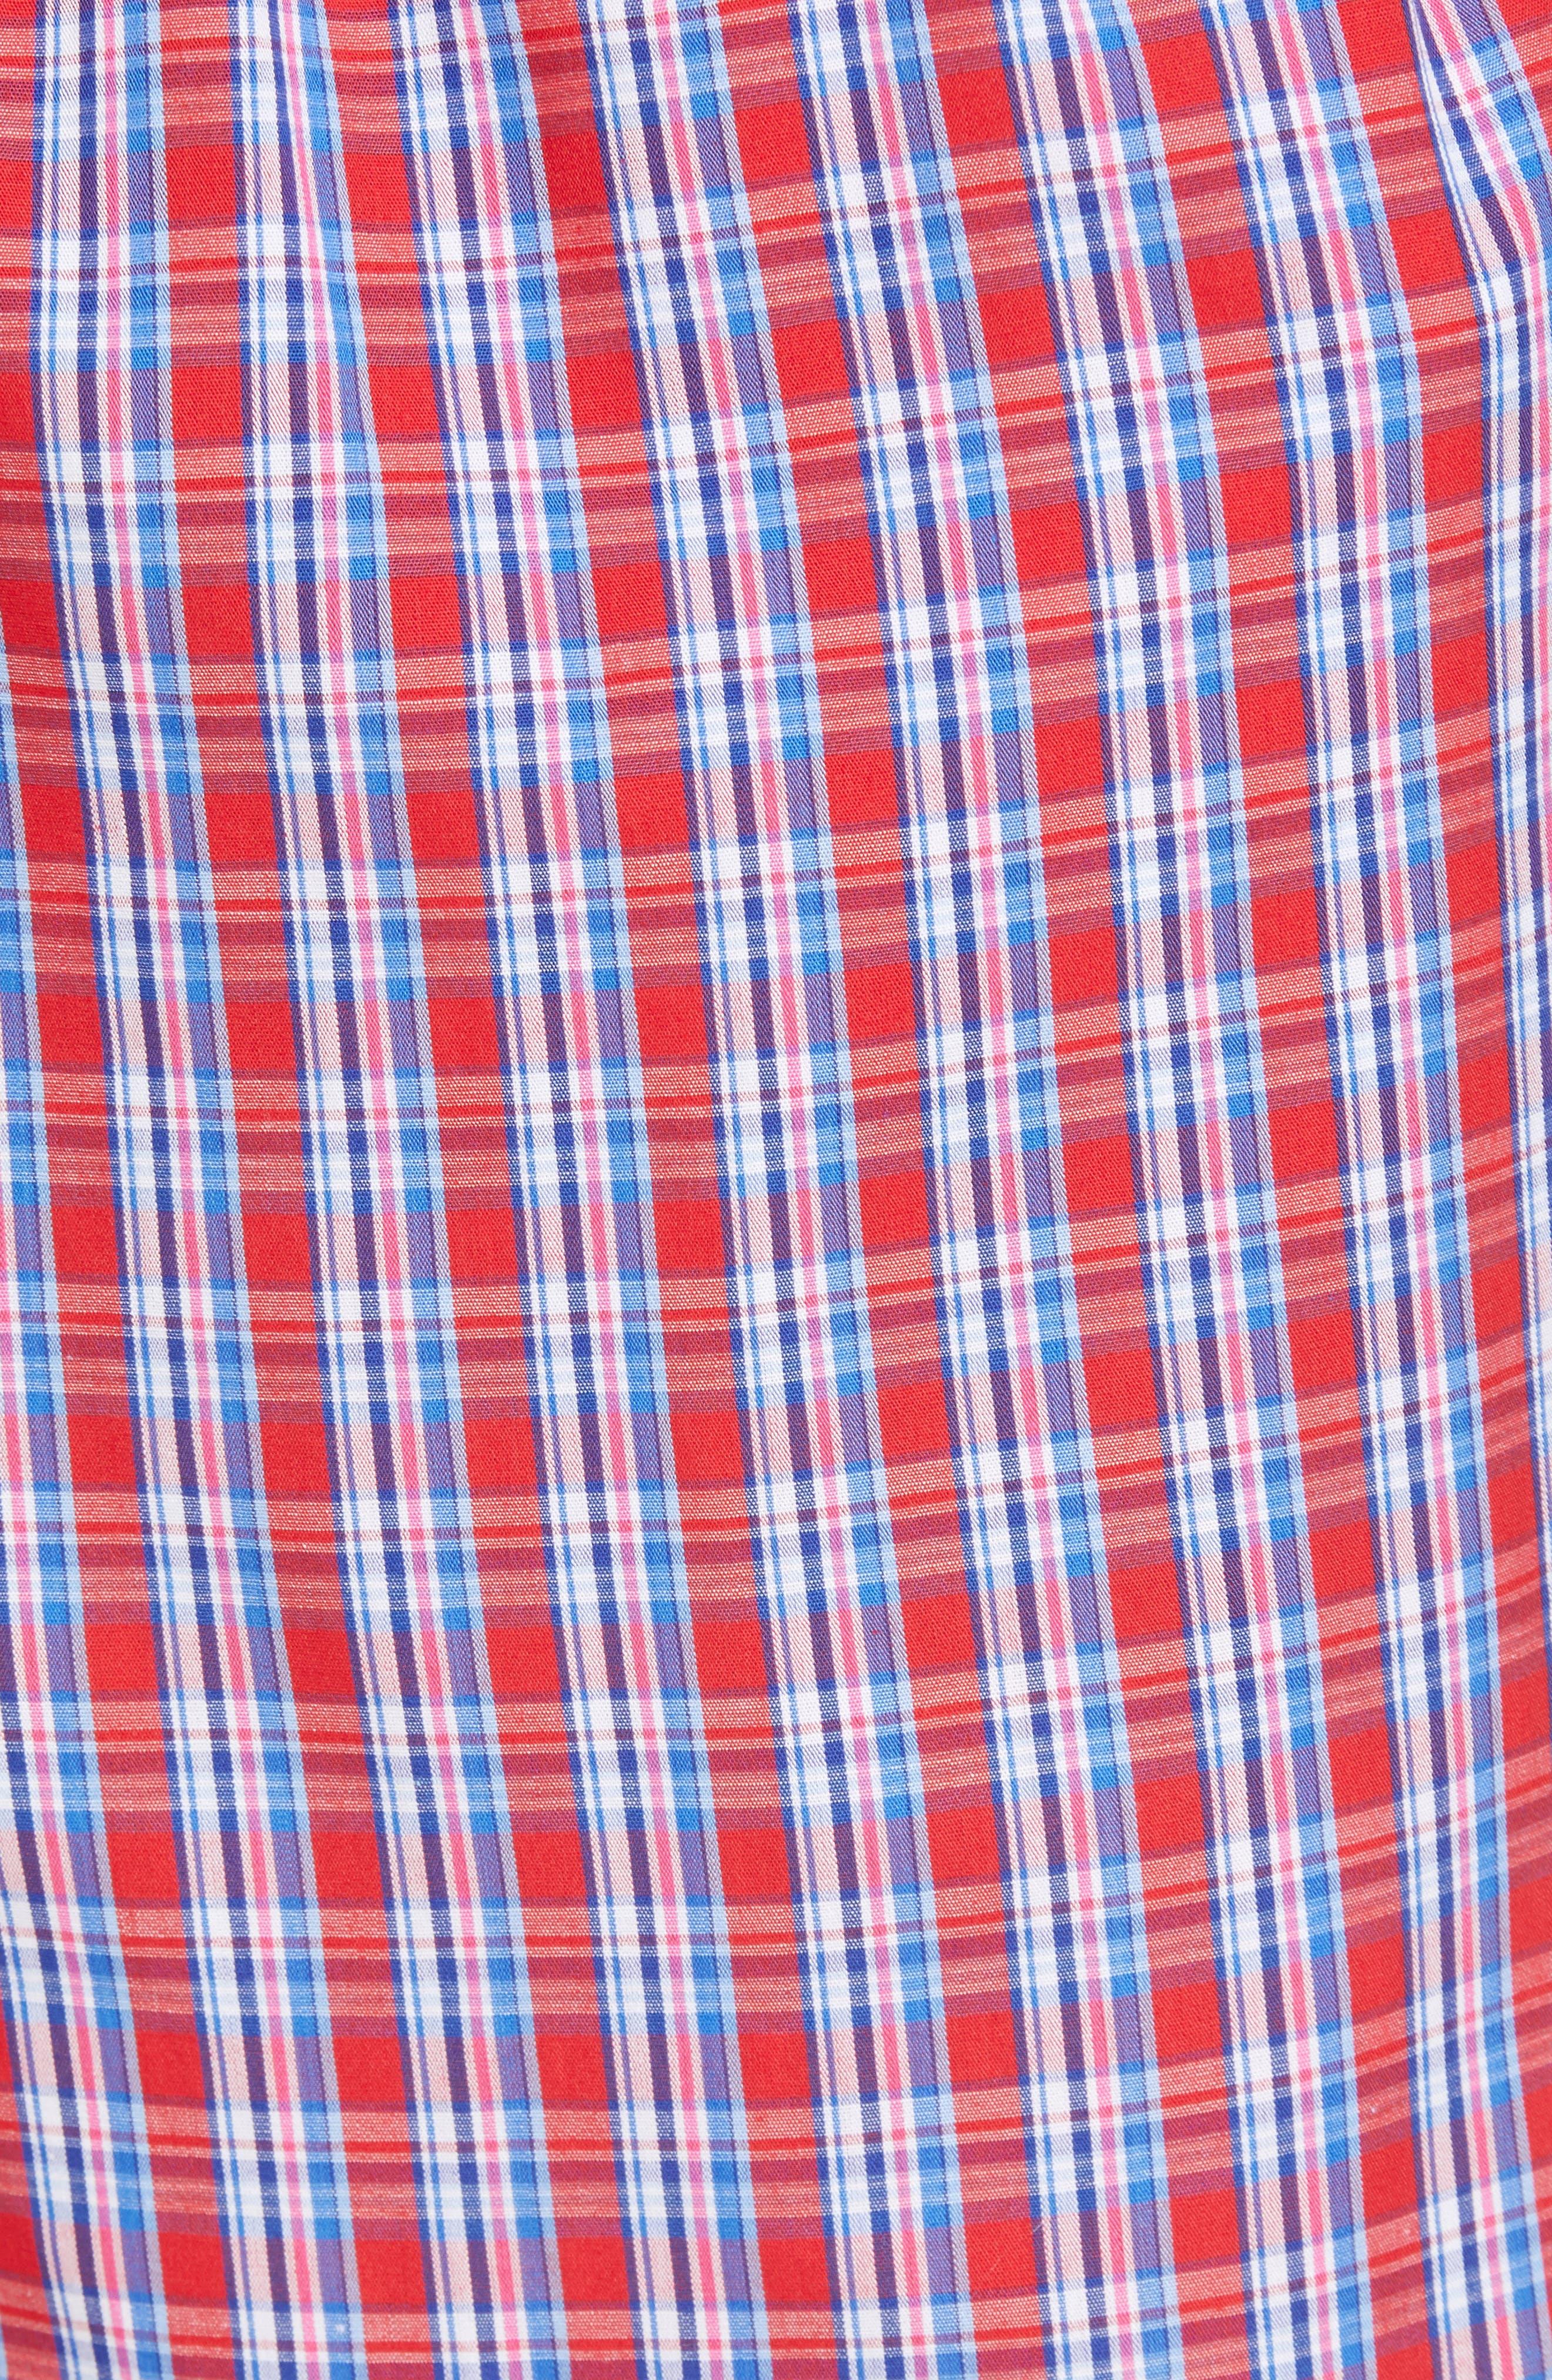 Cotton Lounge Pants,                             Alternate thumbnail 5, color,                             NEWPORT PLAID/ NAVY